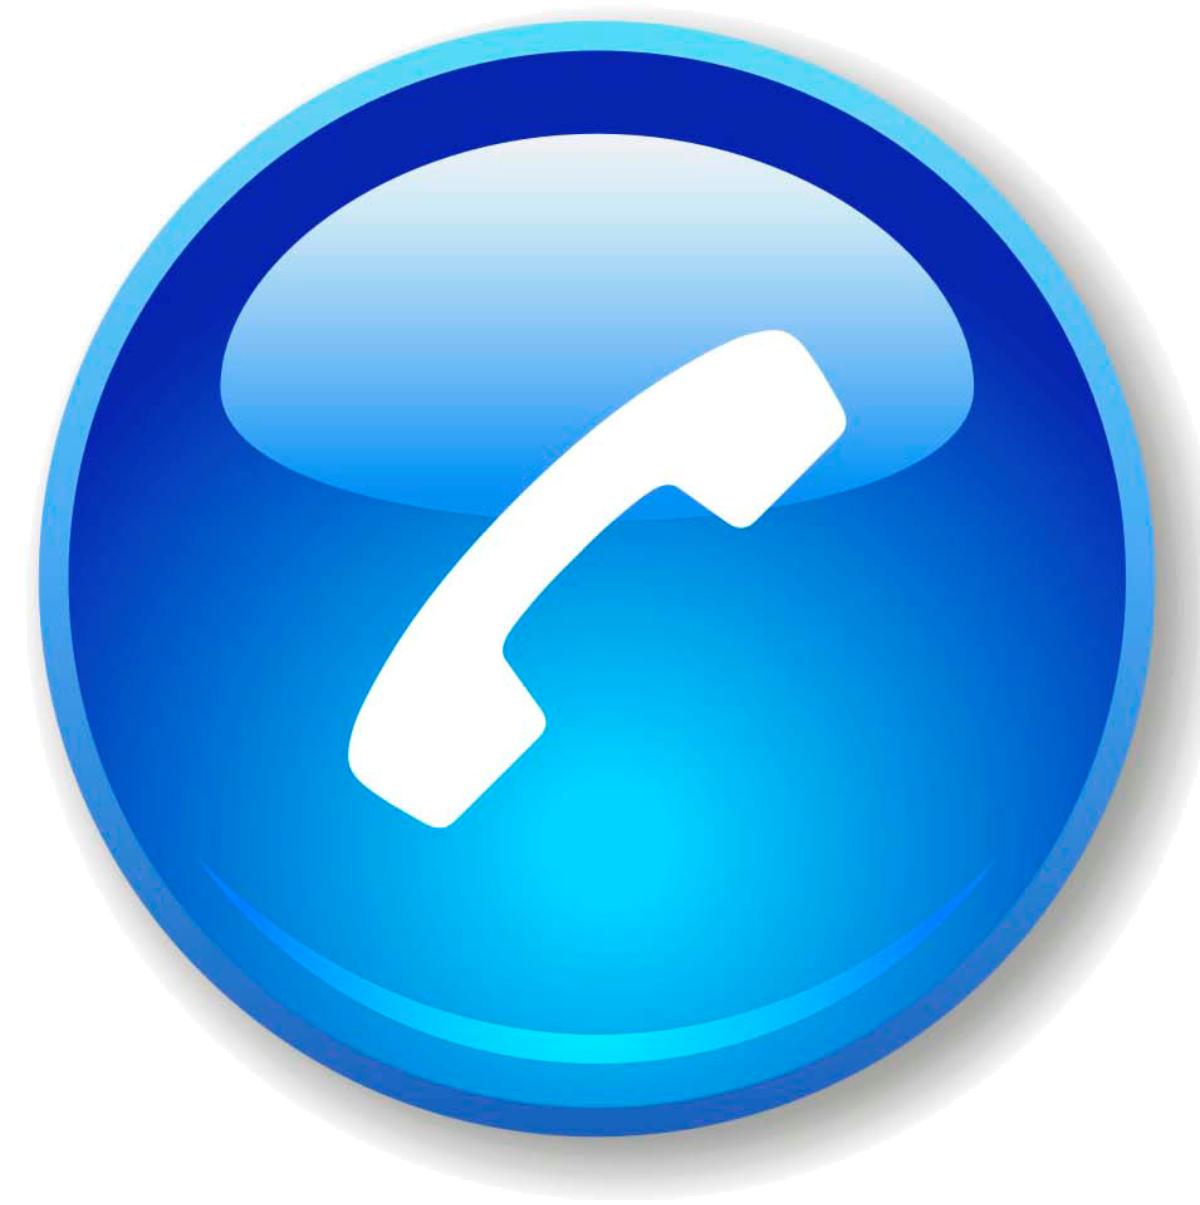 PNG Tel - 57492